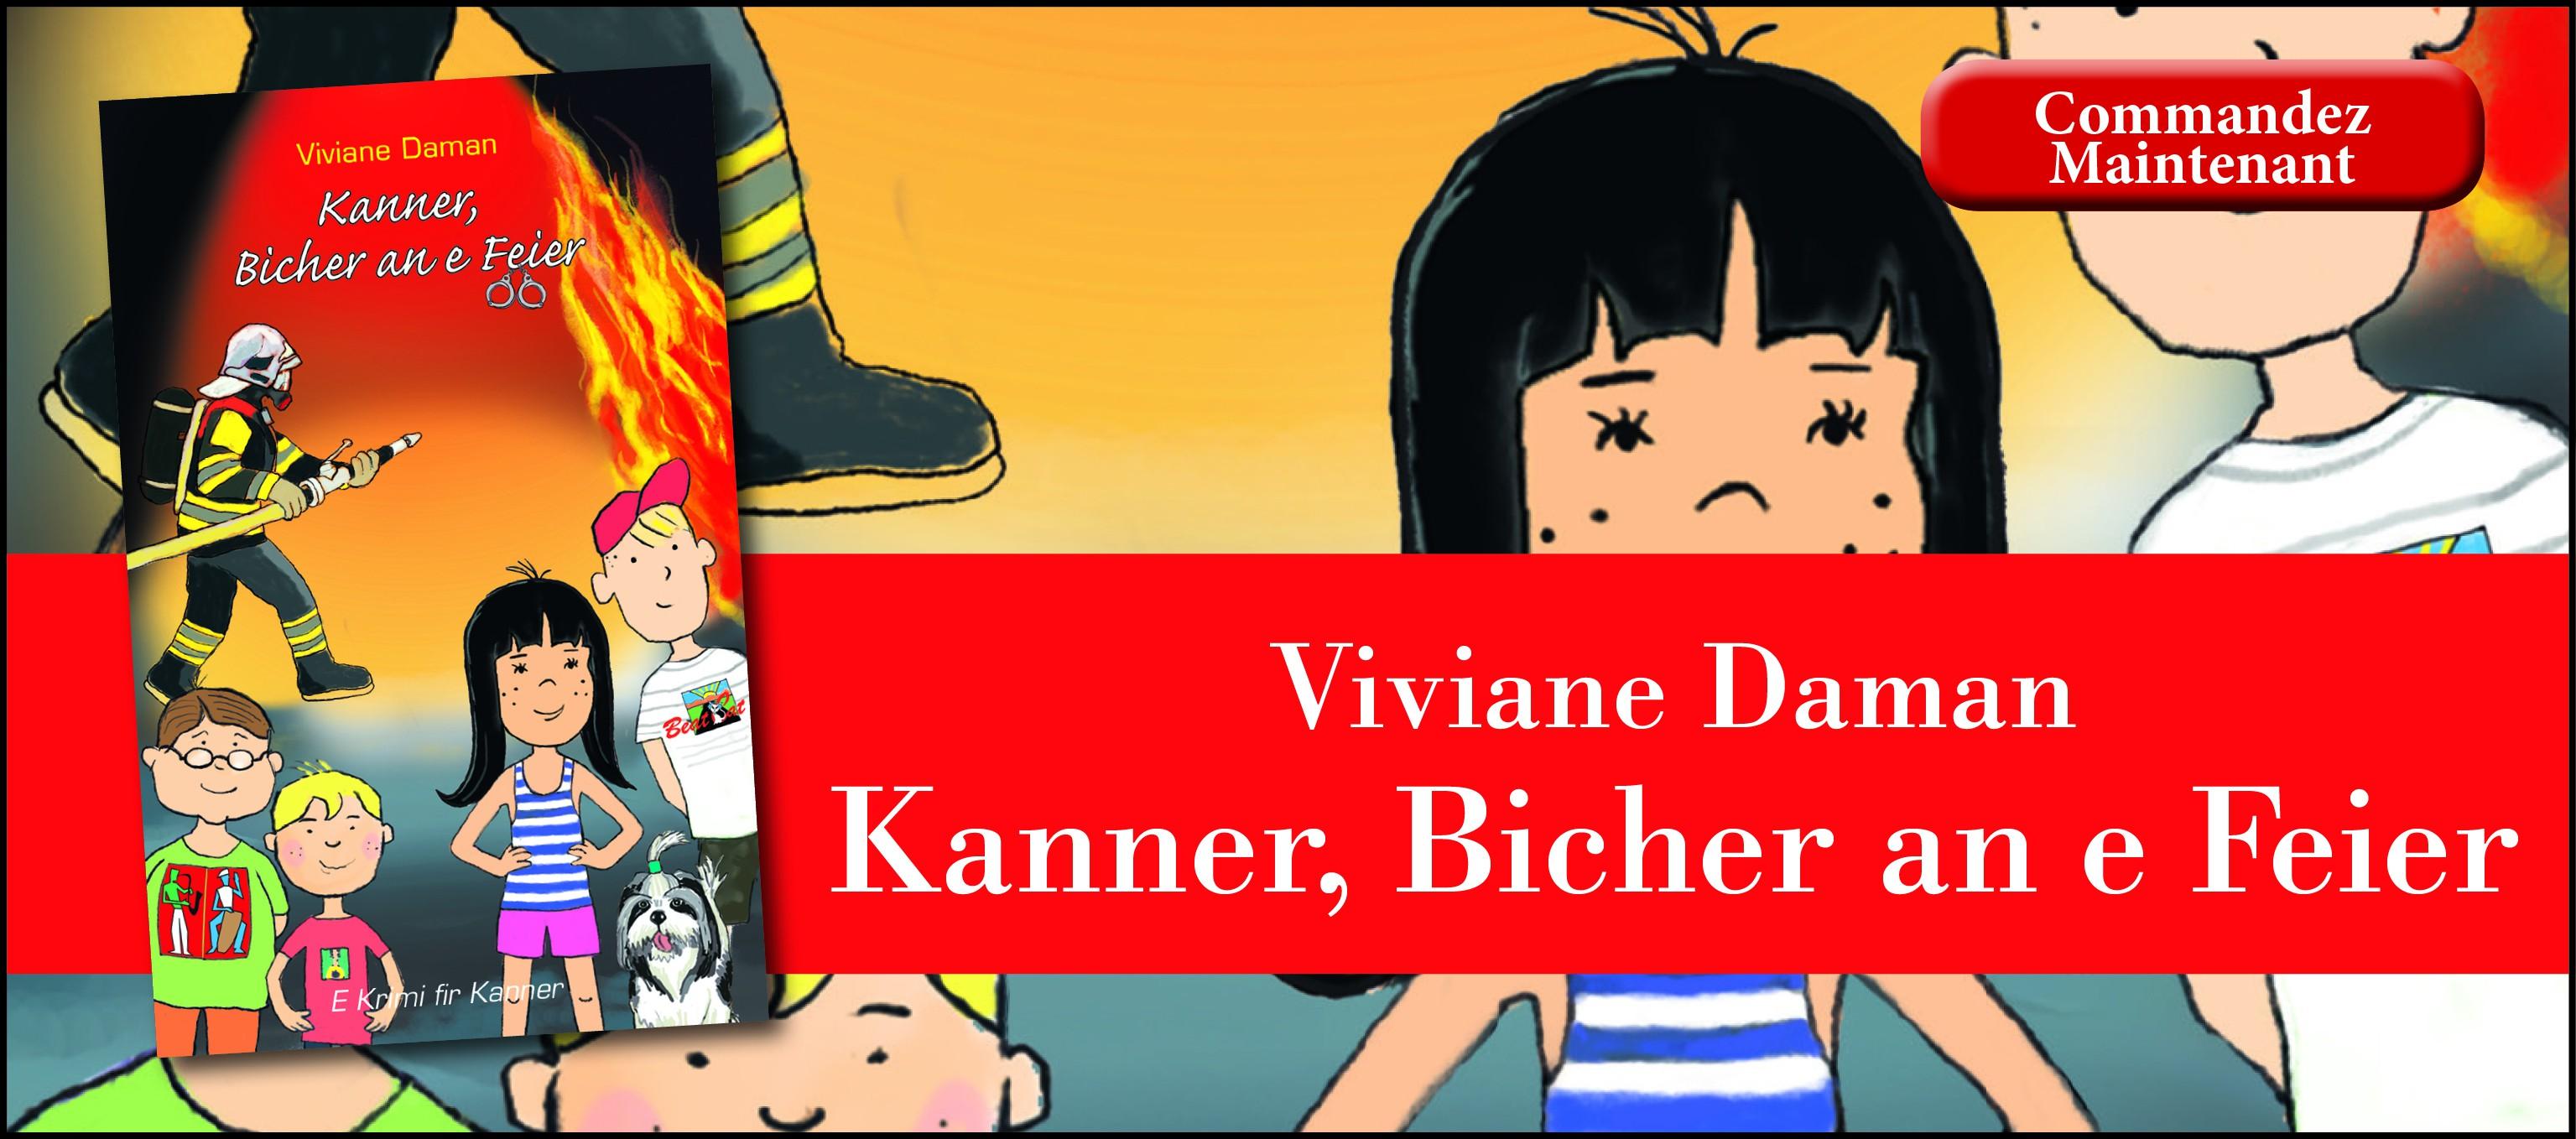 Viviane Daman: Kanner, Bicher an e Feier